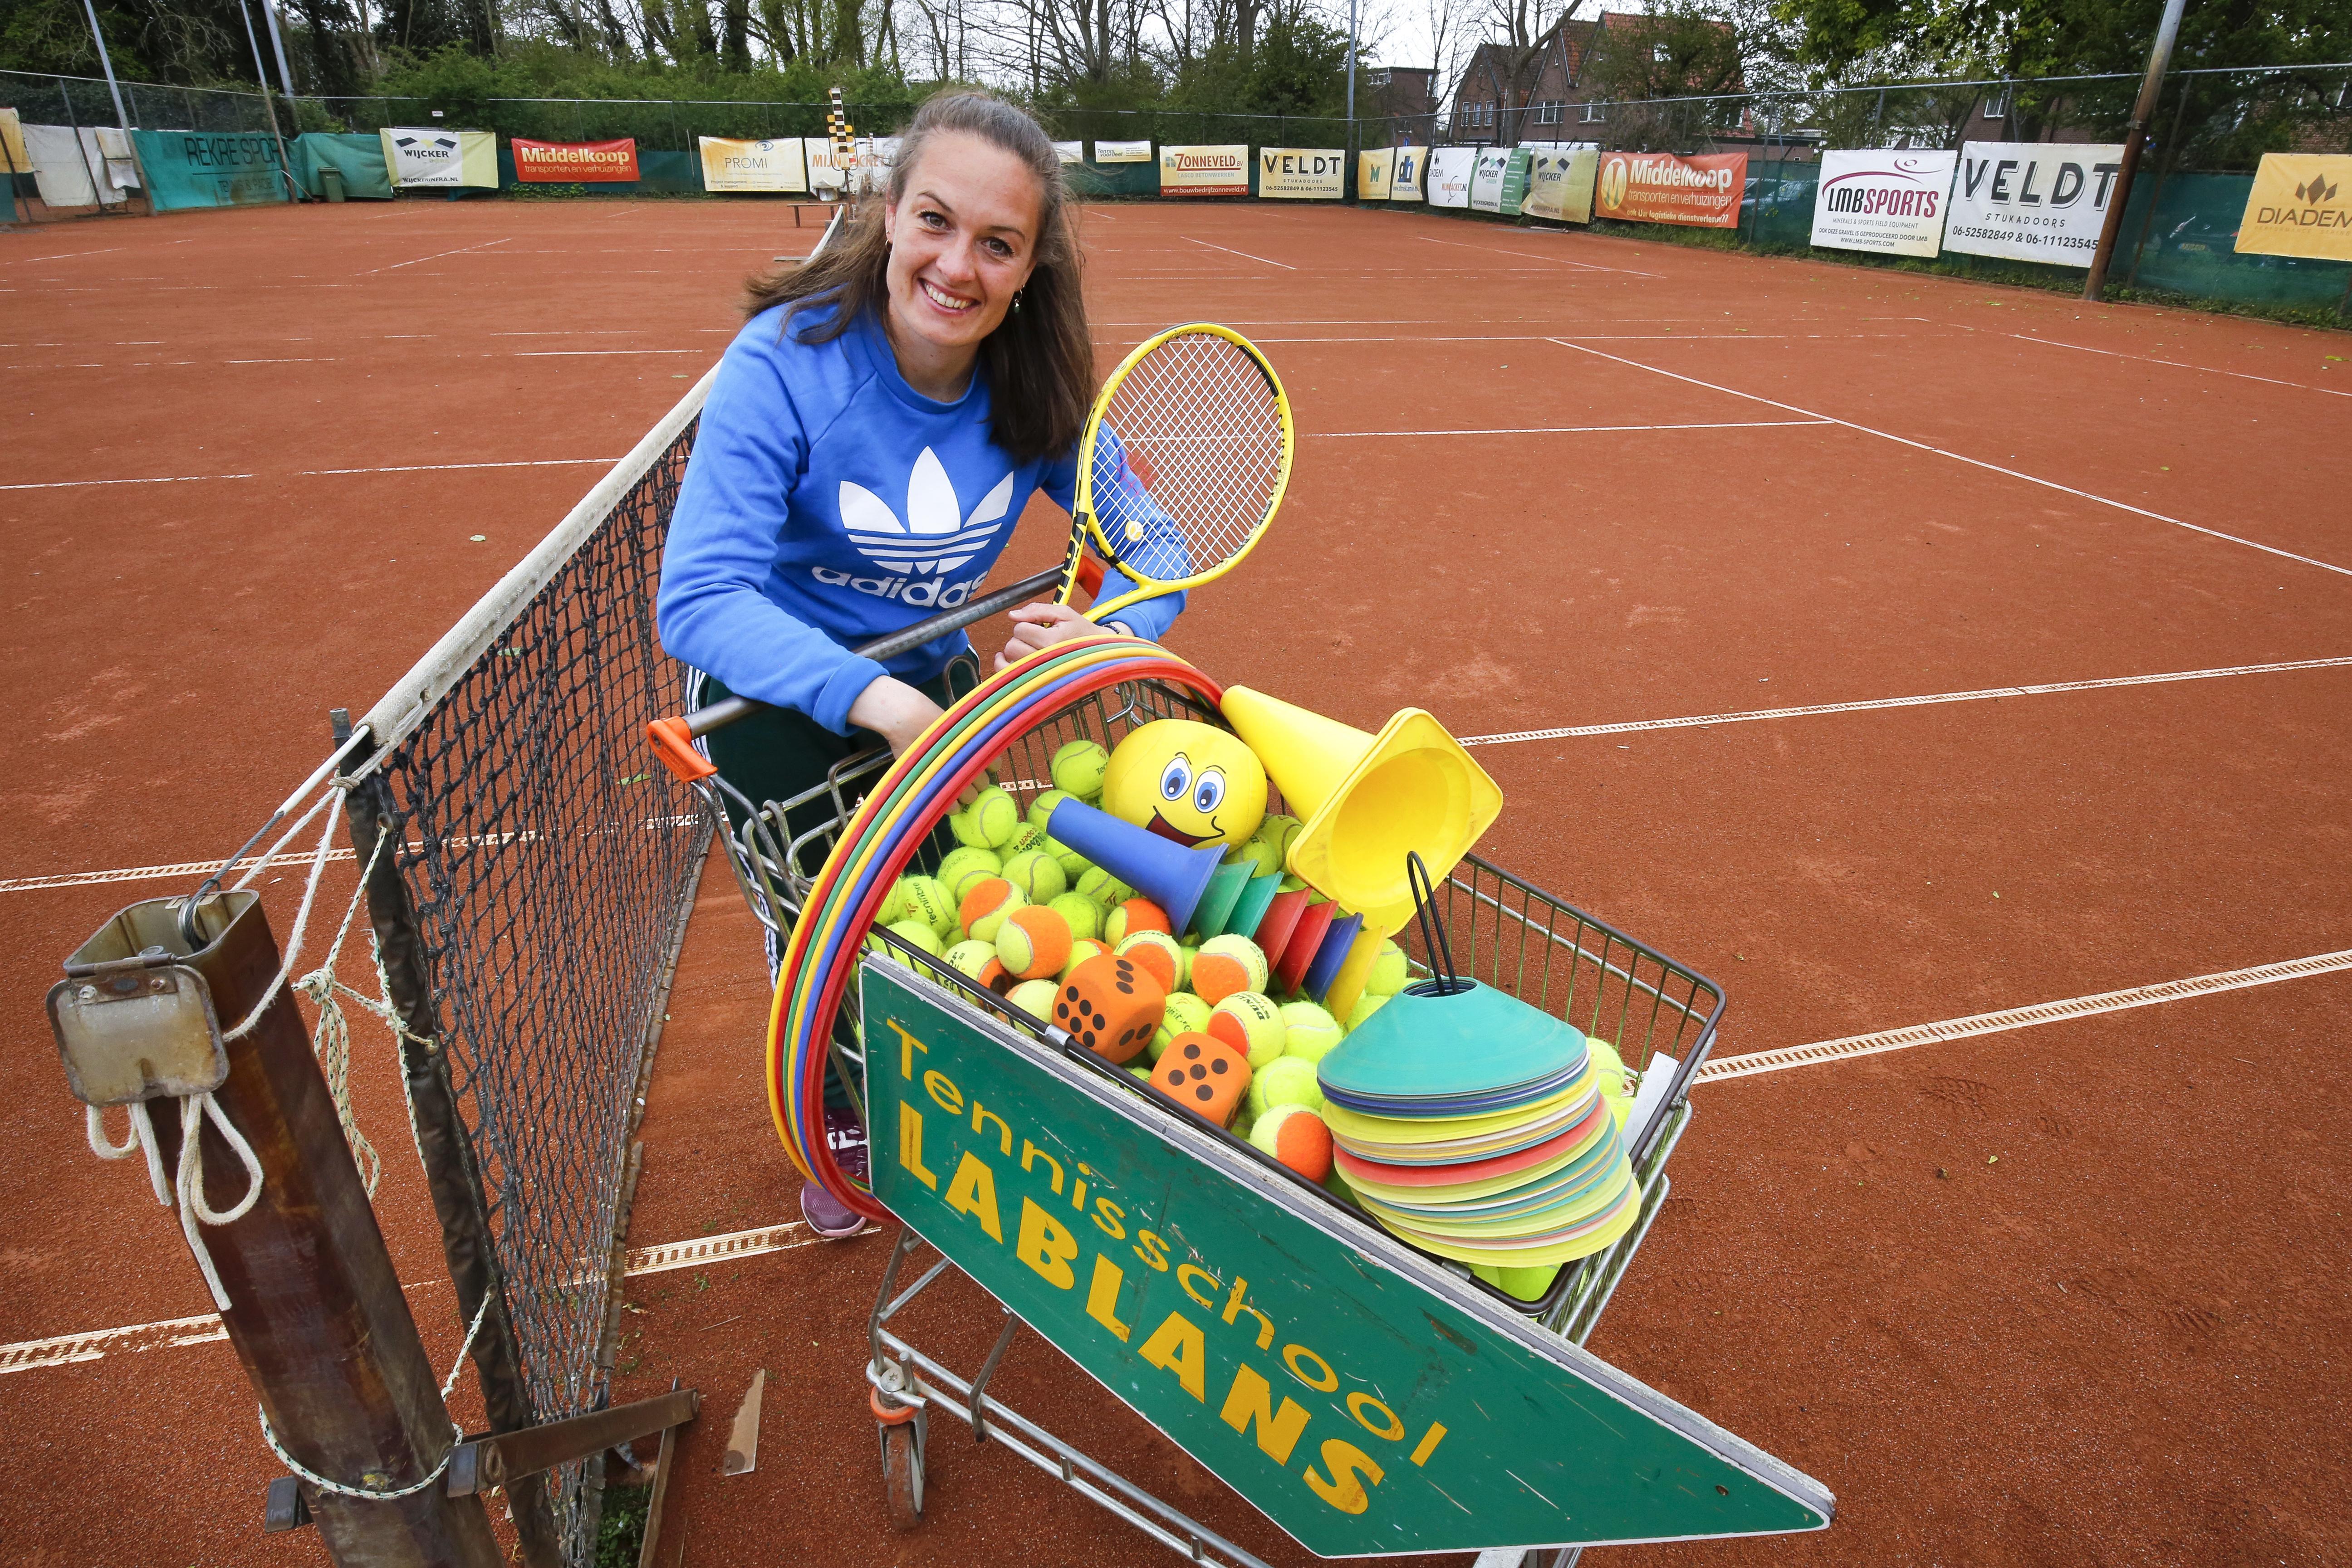 Claire Lablans (33) heeft nog geen genoeg van tennis. Ze behoorde bij de beste van Nederland en probeerde internationaal door te breken. Nu heeft ze een eigen tennisschool